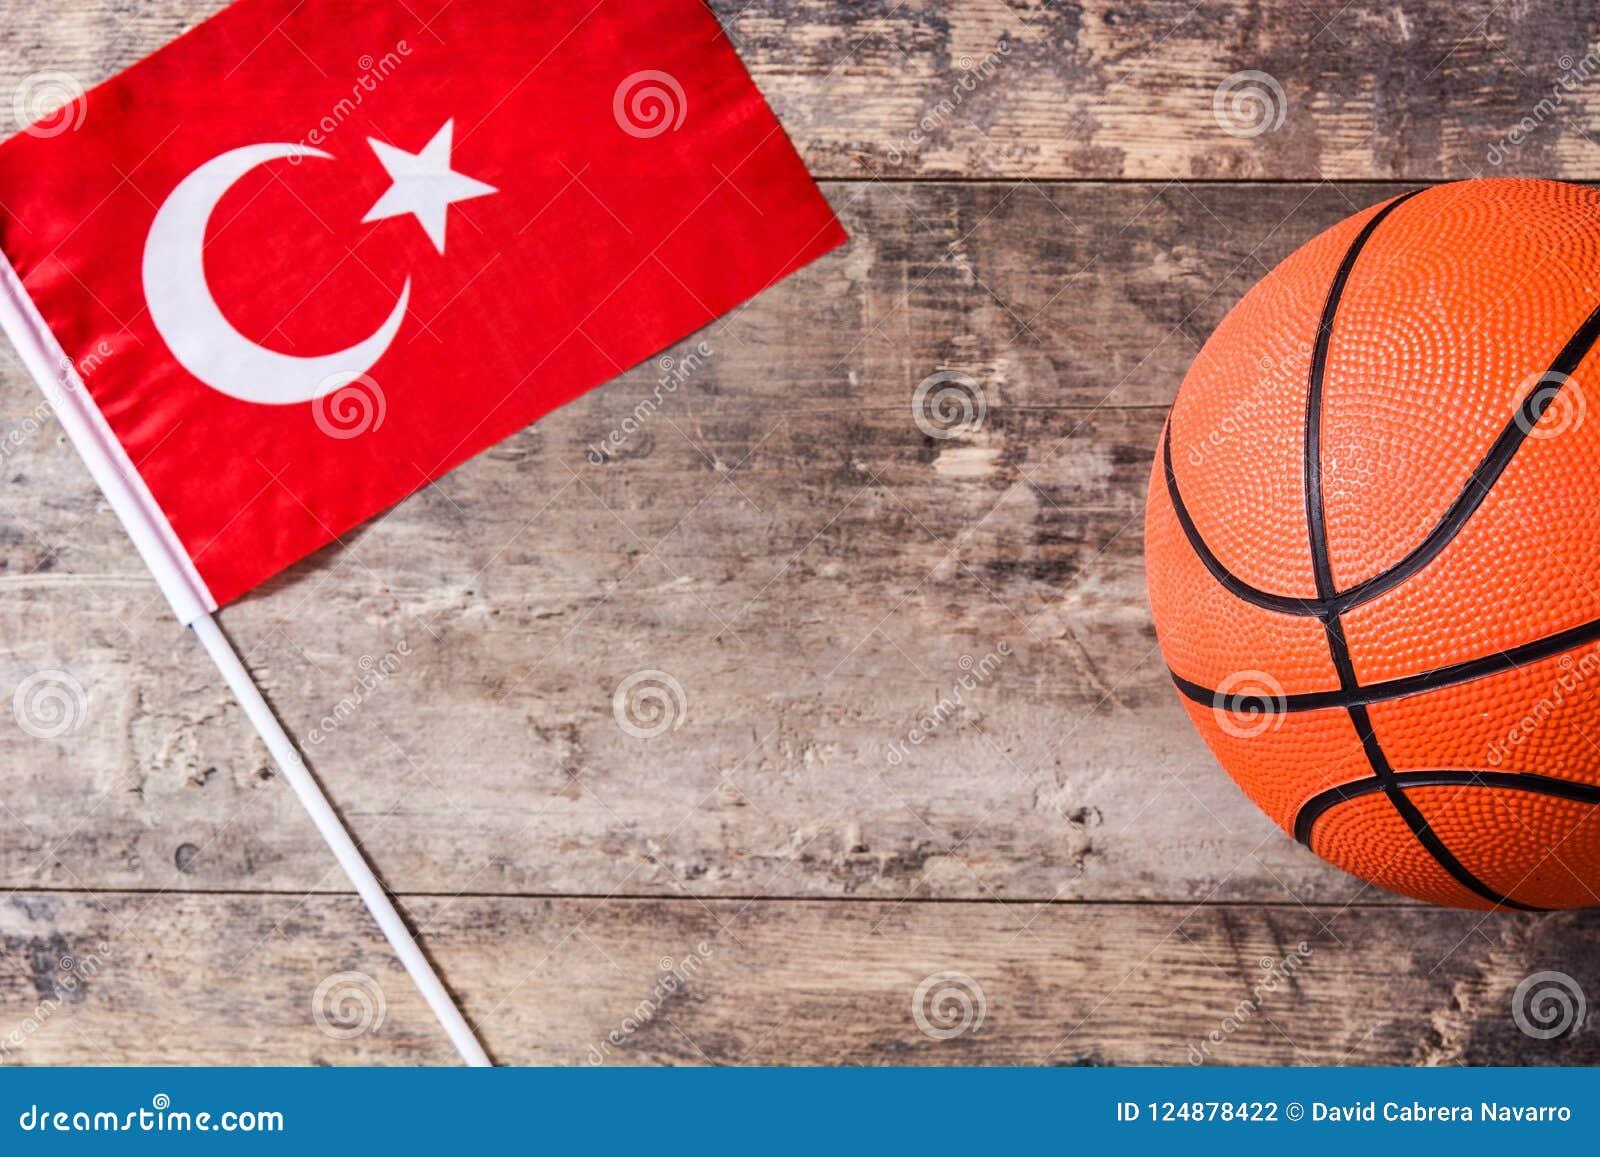 Καλαθοσφαίριση και σημαία της Τουρκίας στον ξύλινο πίνακα